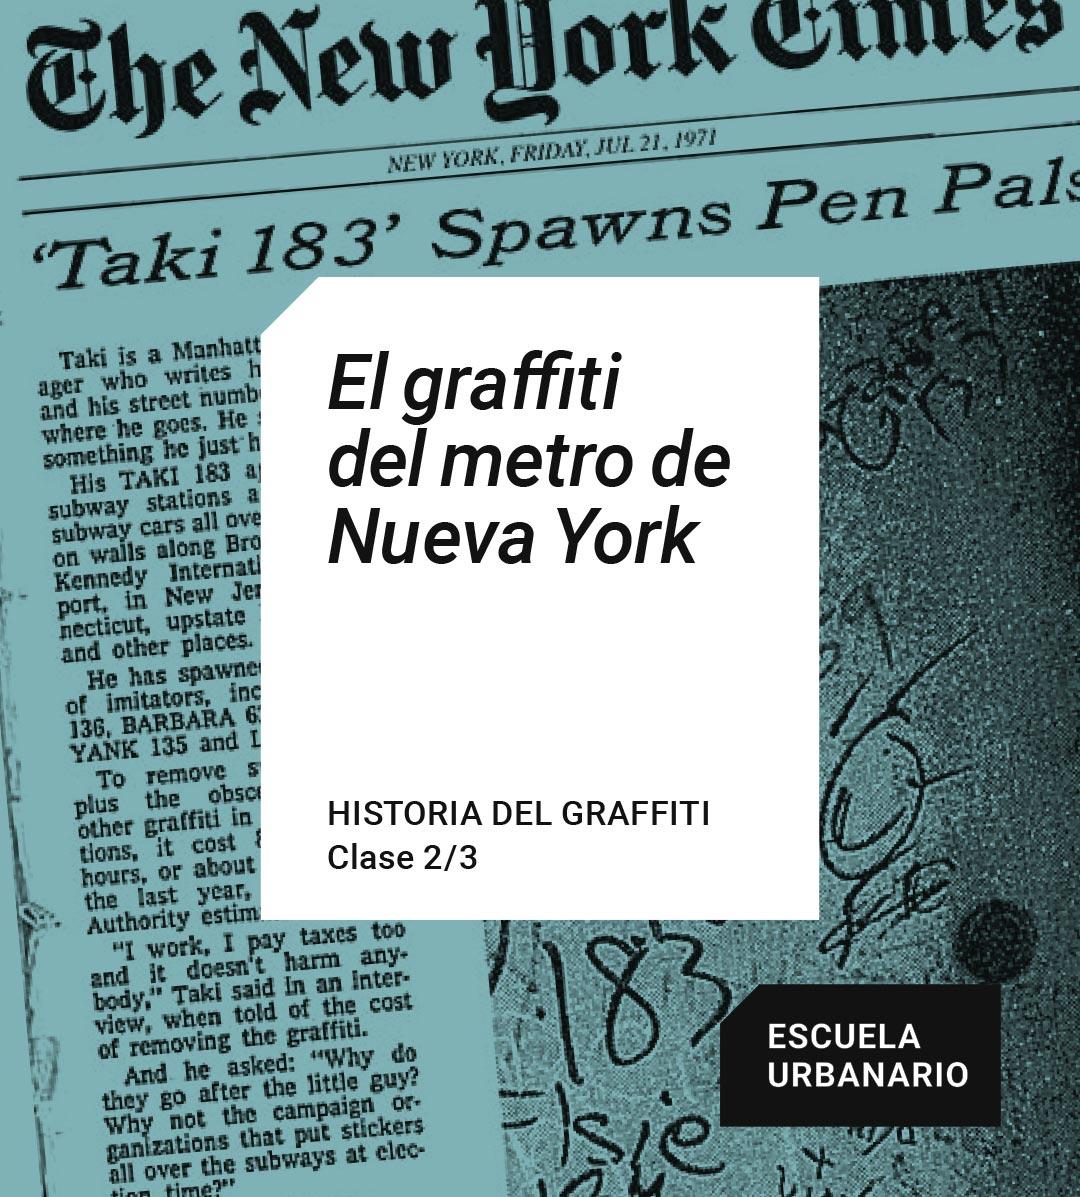 El graffiti del metro de Nueva York - Escuela Urbanario